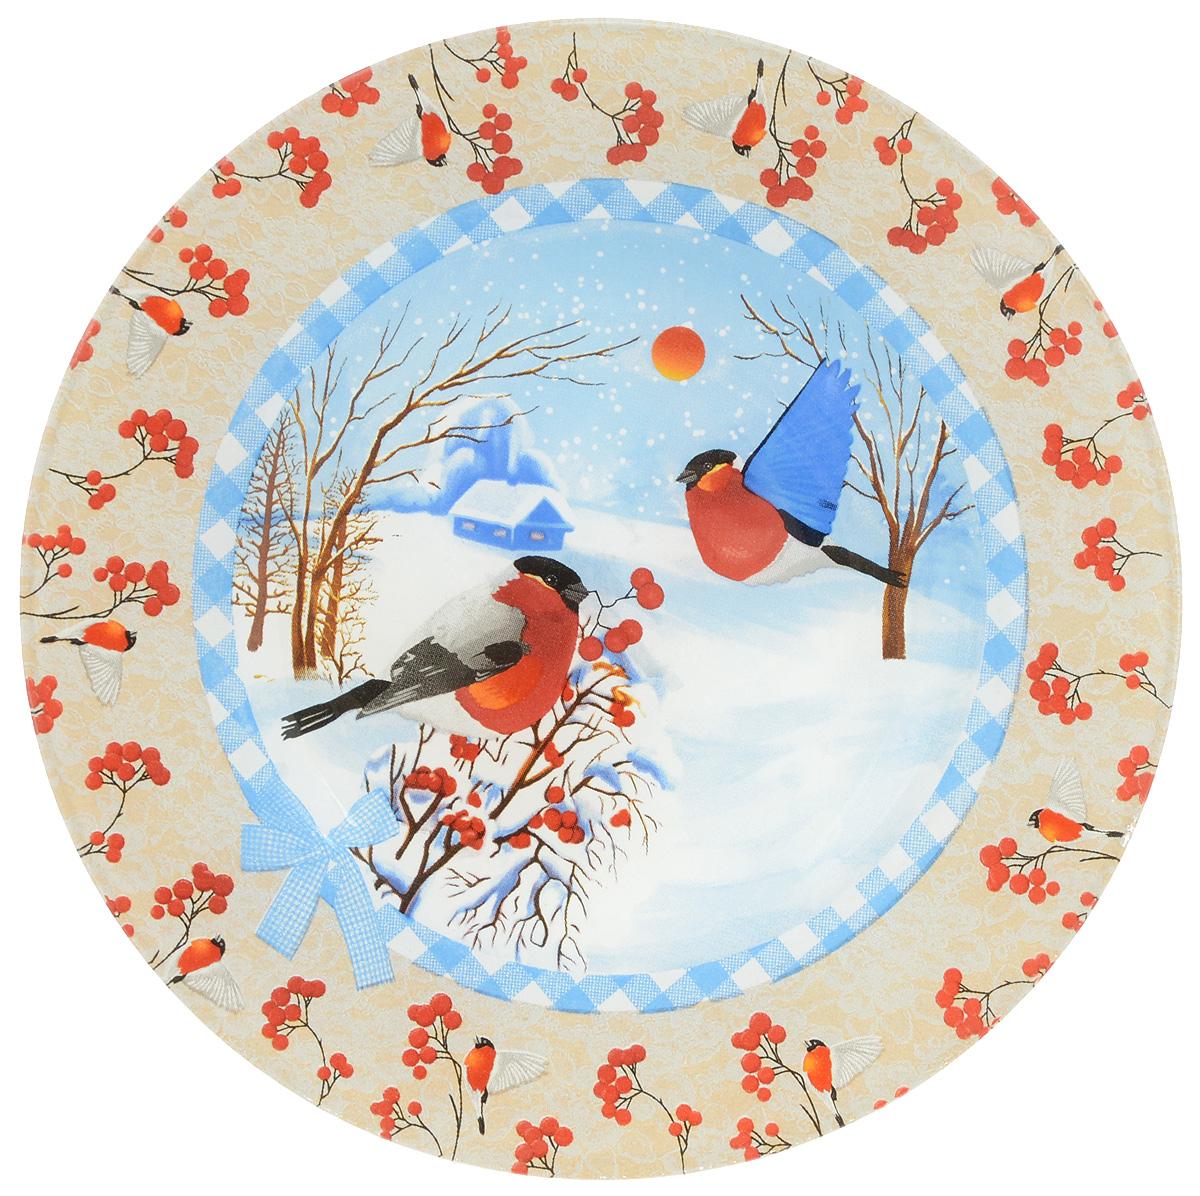 Тарелка Family & Friends, диаметр 20 см216159..Тарелка Family & Friends изготовлена из качественного стекла. Изделие декорировано красивым рисунком. Такая тарелка отлично подойдет в качестве блюда для сервировки закусок и нарезок, ее также можно использовать как обеденную. Тарелка Family & Friends будет потрясающе смотреться на новогоднем столе. Яркий запоминающийся дизайн и качество исполнения сделают ее отличным новогодним подарком. Не рекомендуется использовать в микроволновой печи и мыть в посудомоечной машине.